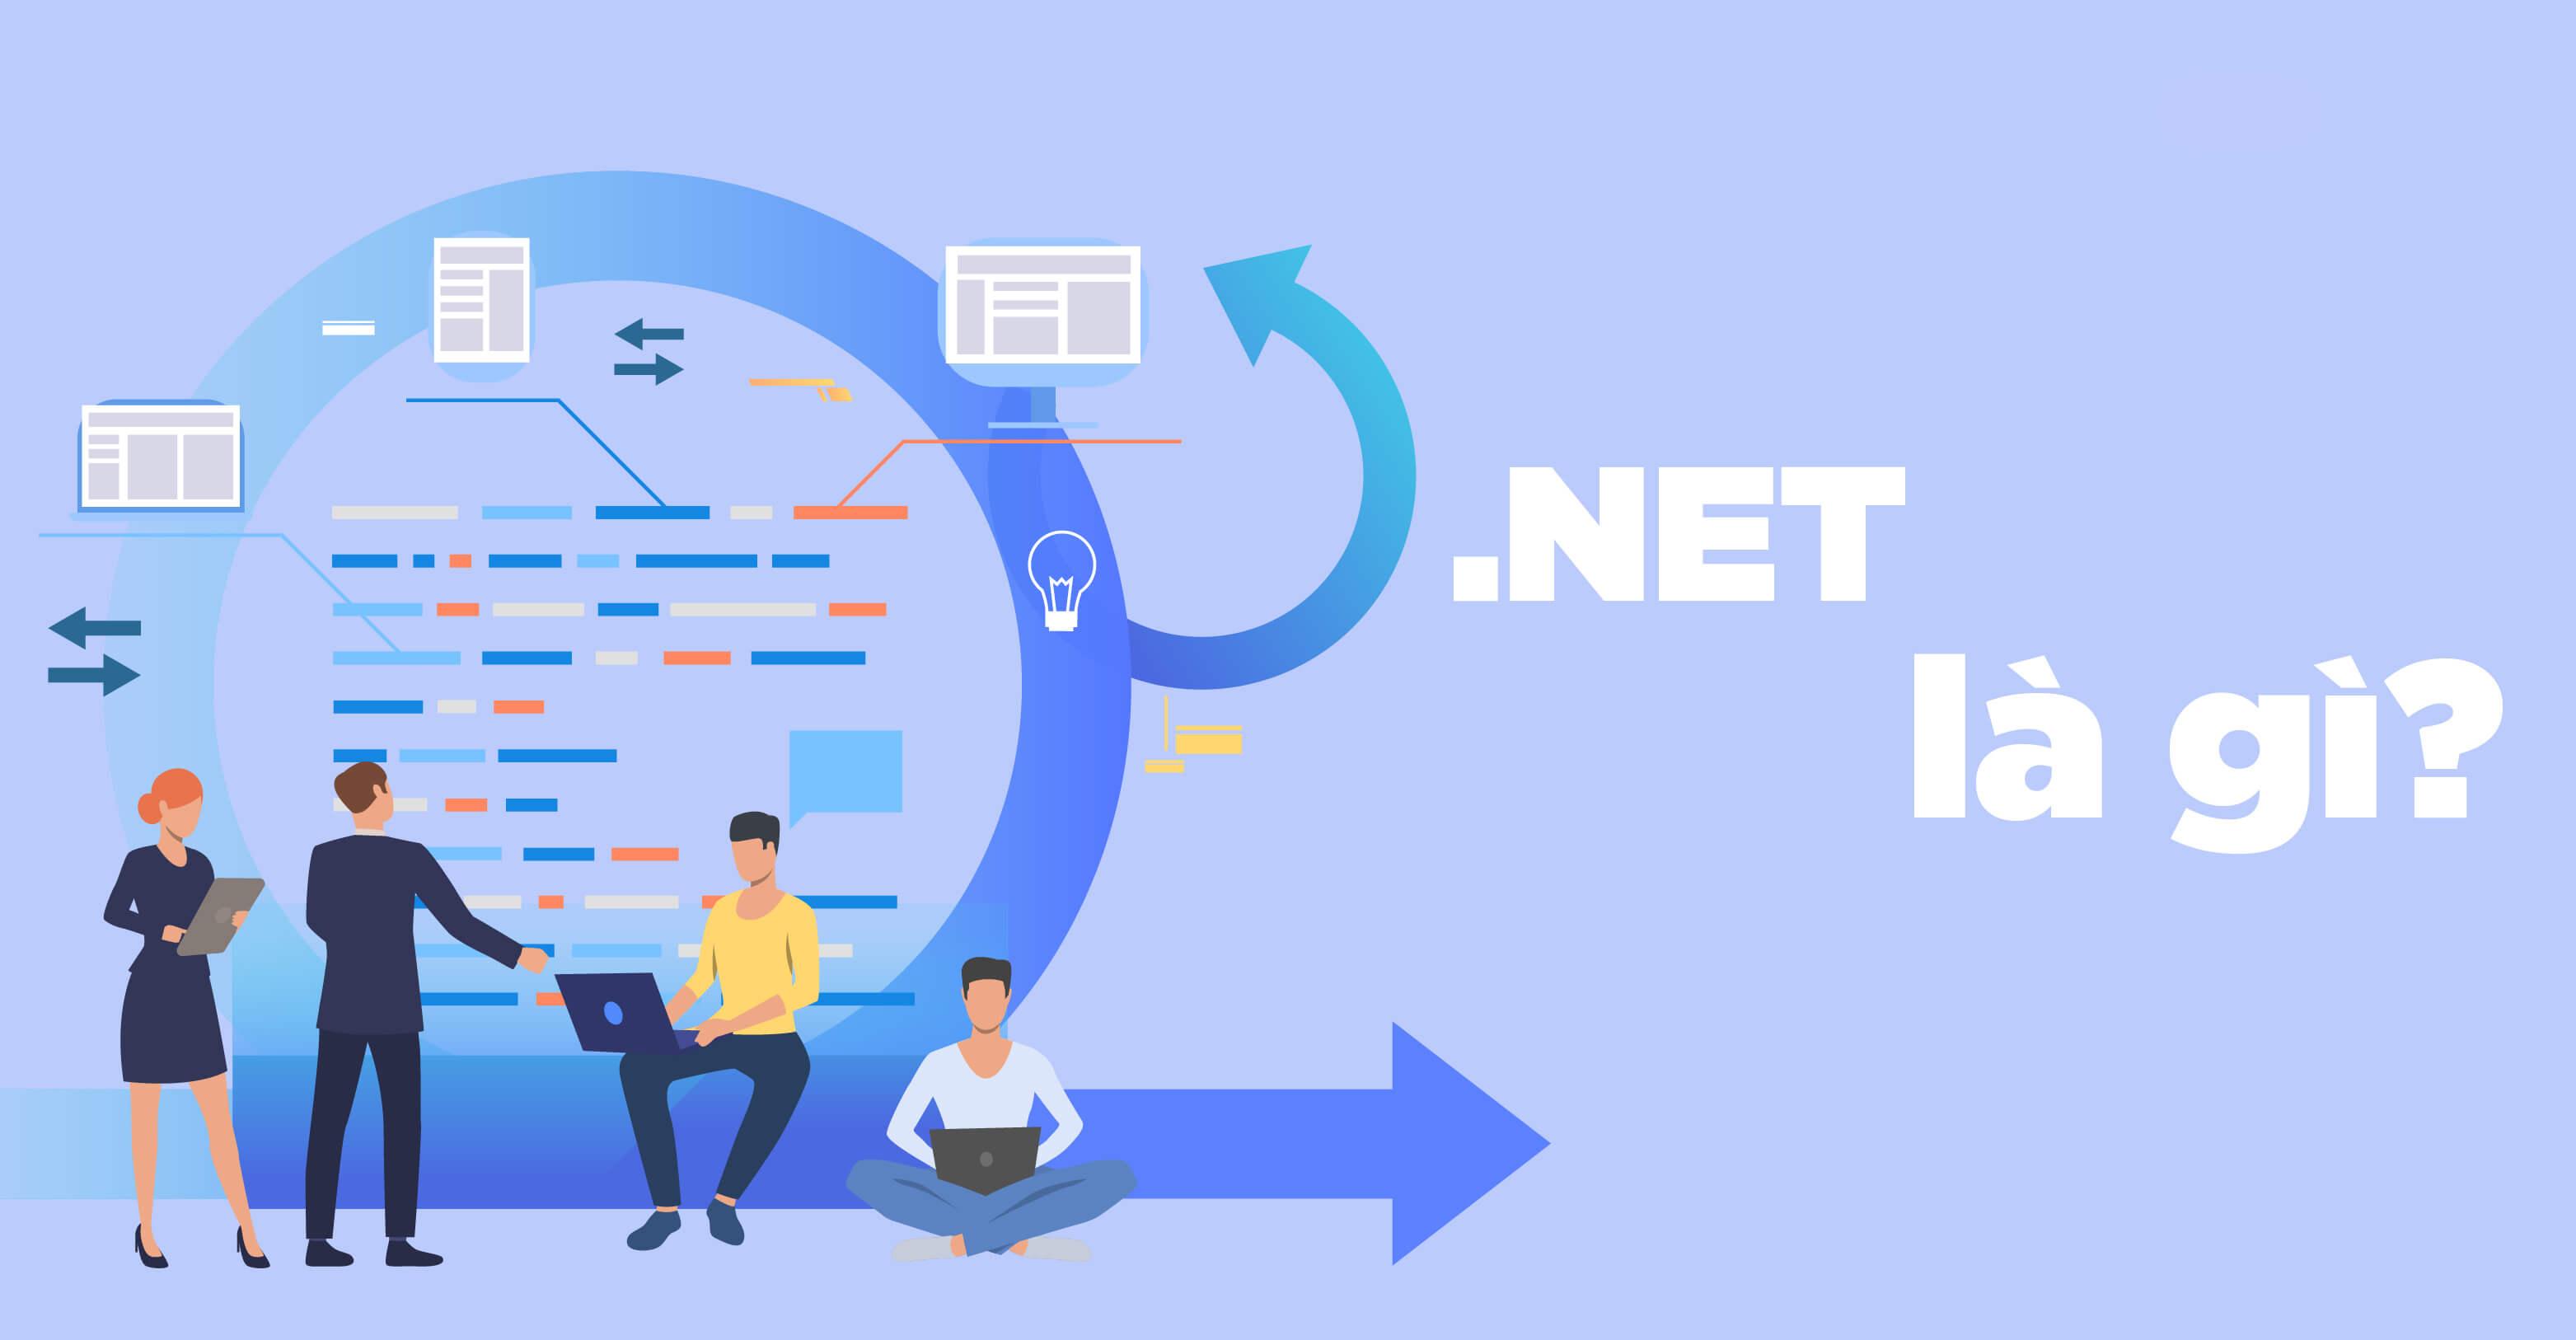 Dotnet là gì?